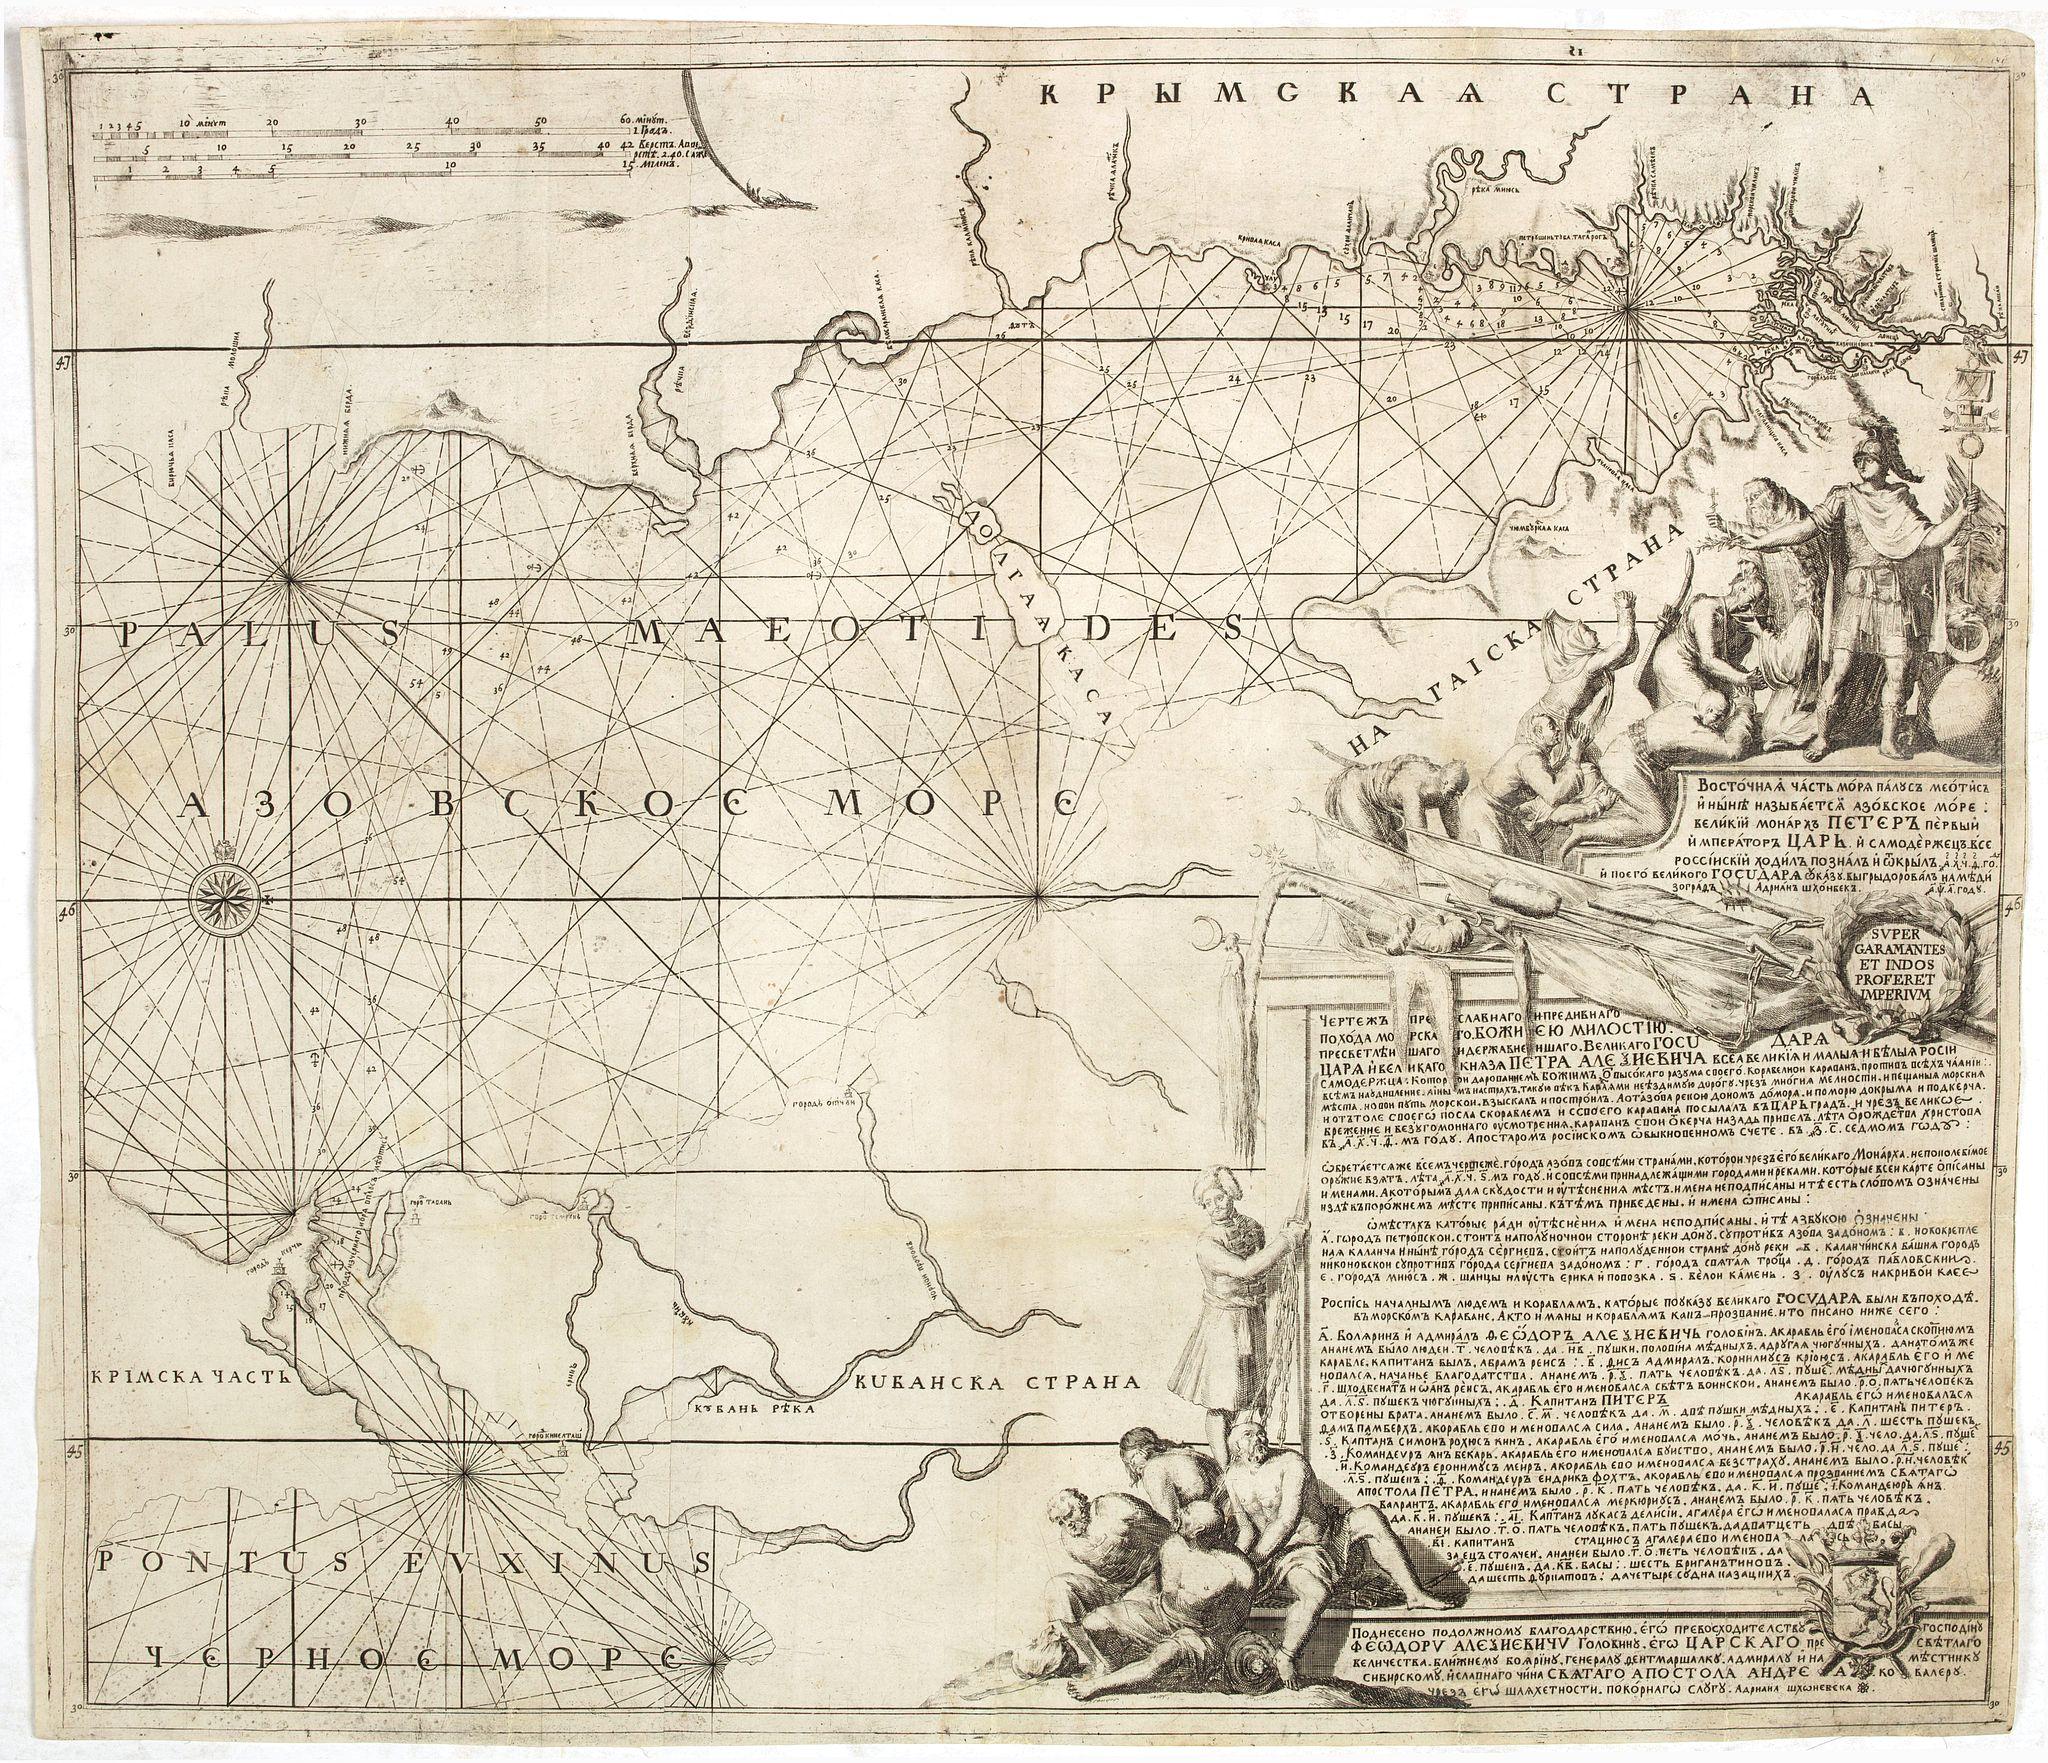 Paulus Swaen old maps Old maps Internet Auction, antique maps, rare ...